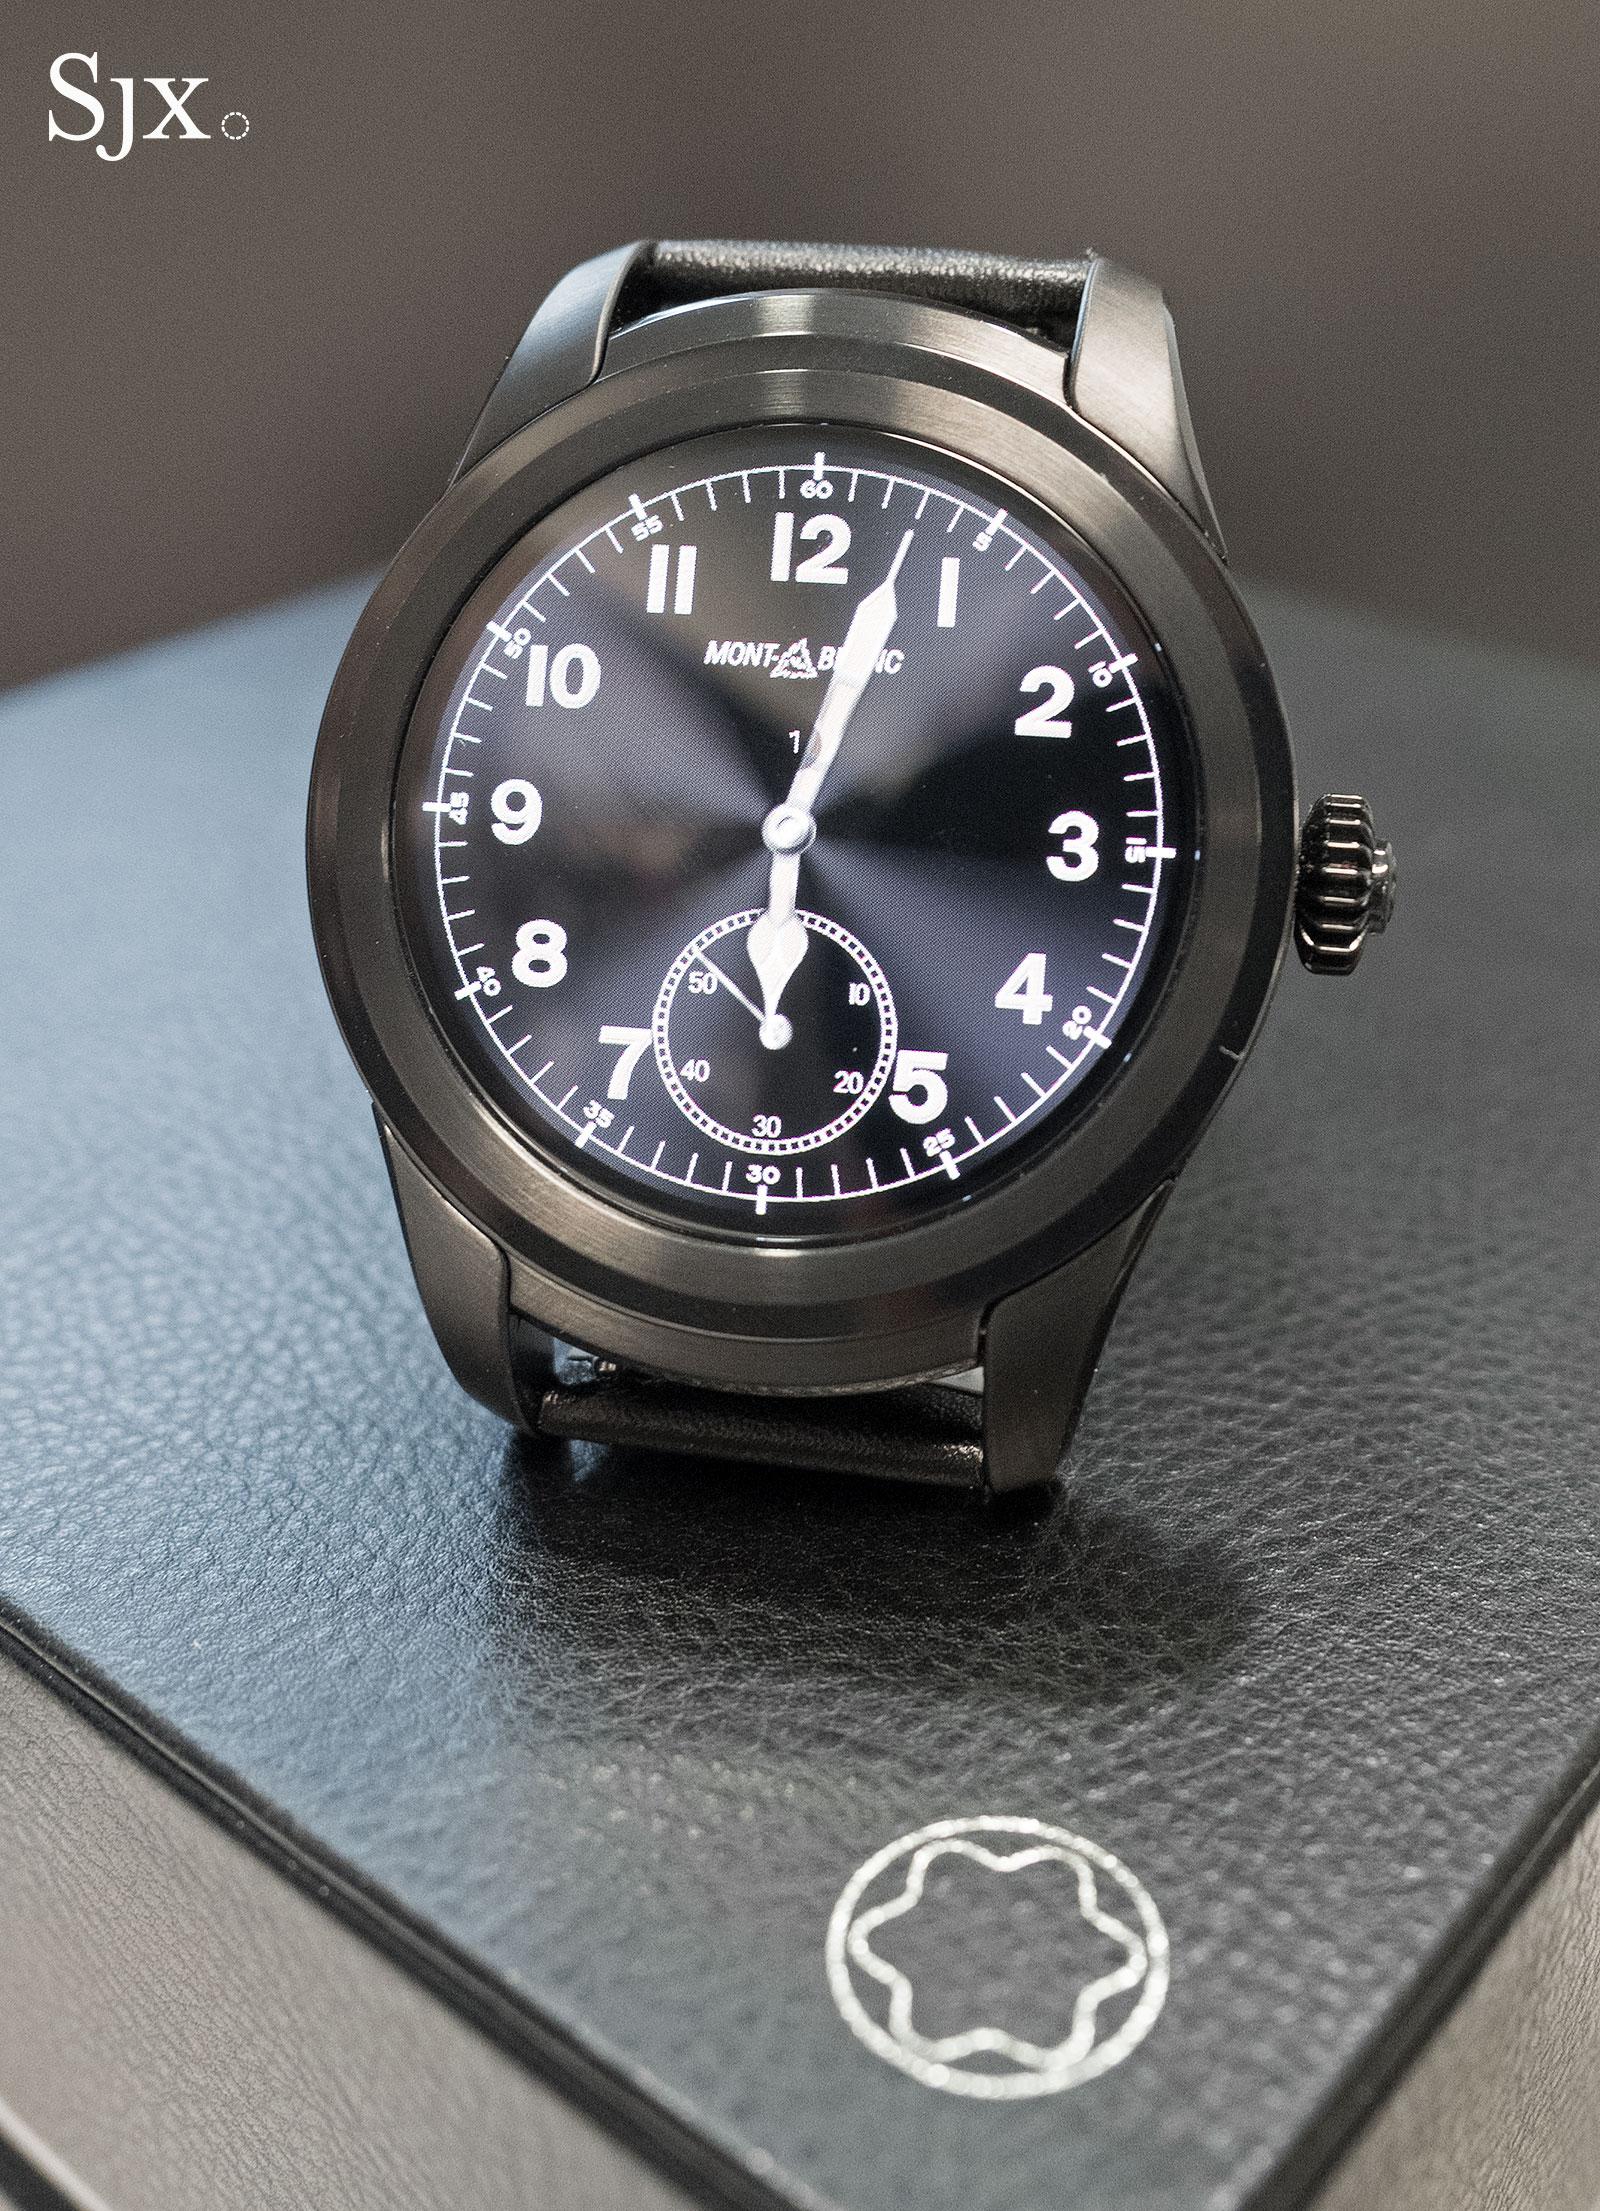 Montblanc Summit smartwatch 2